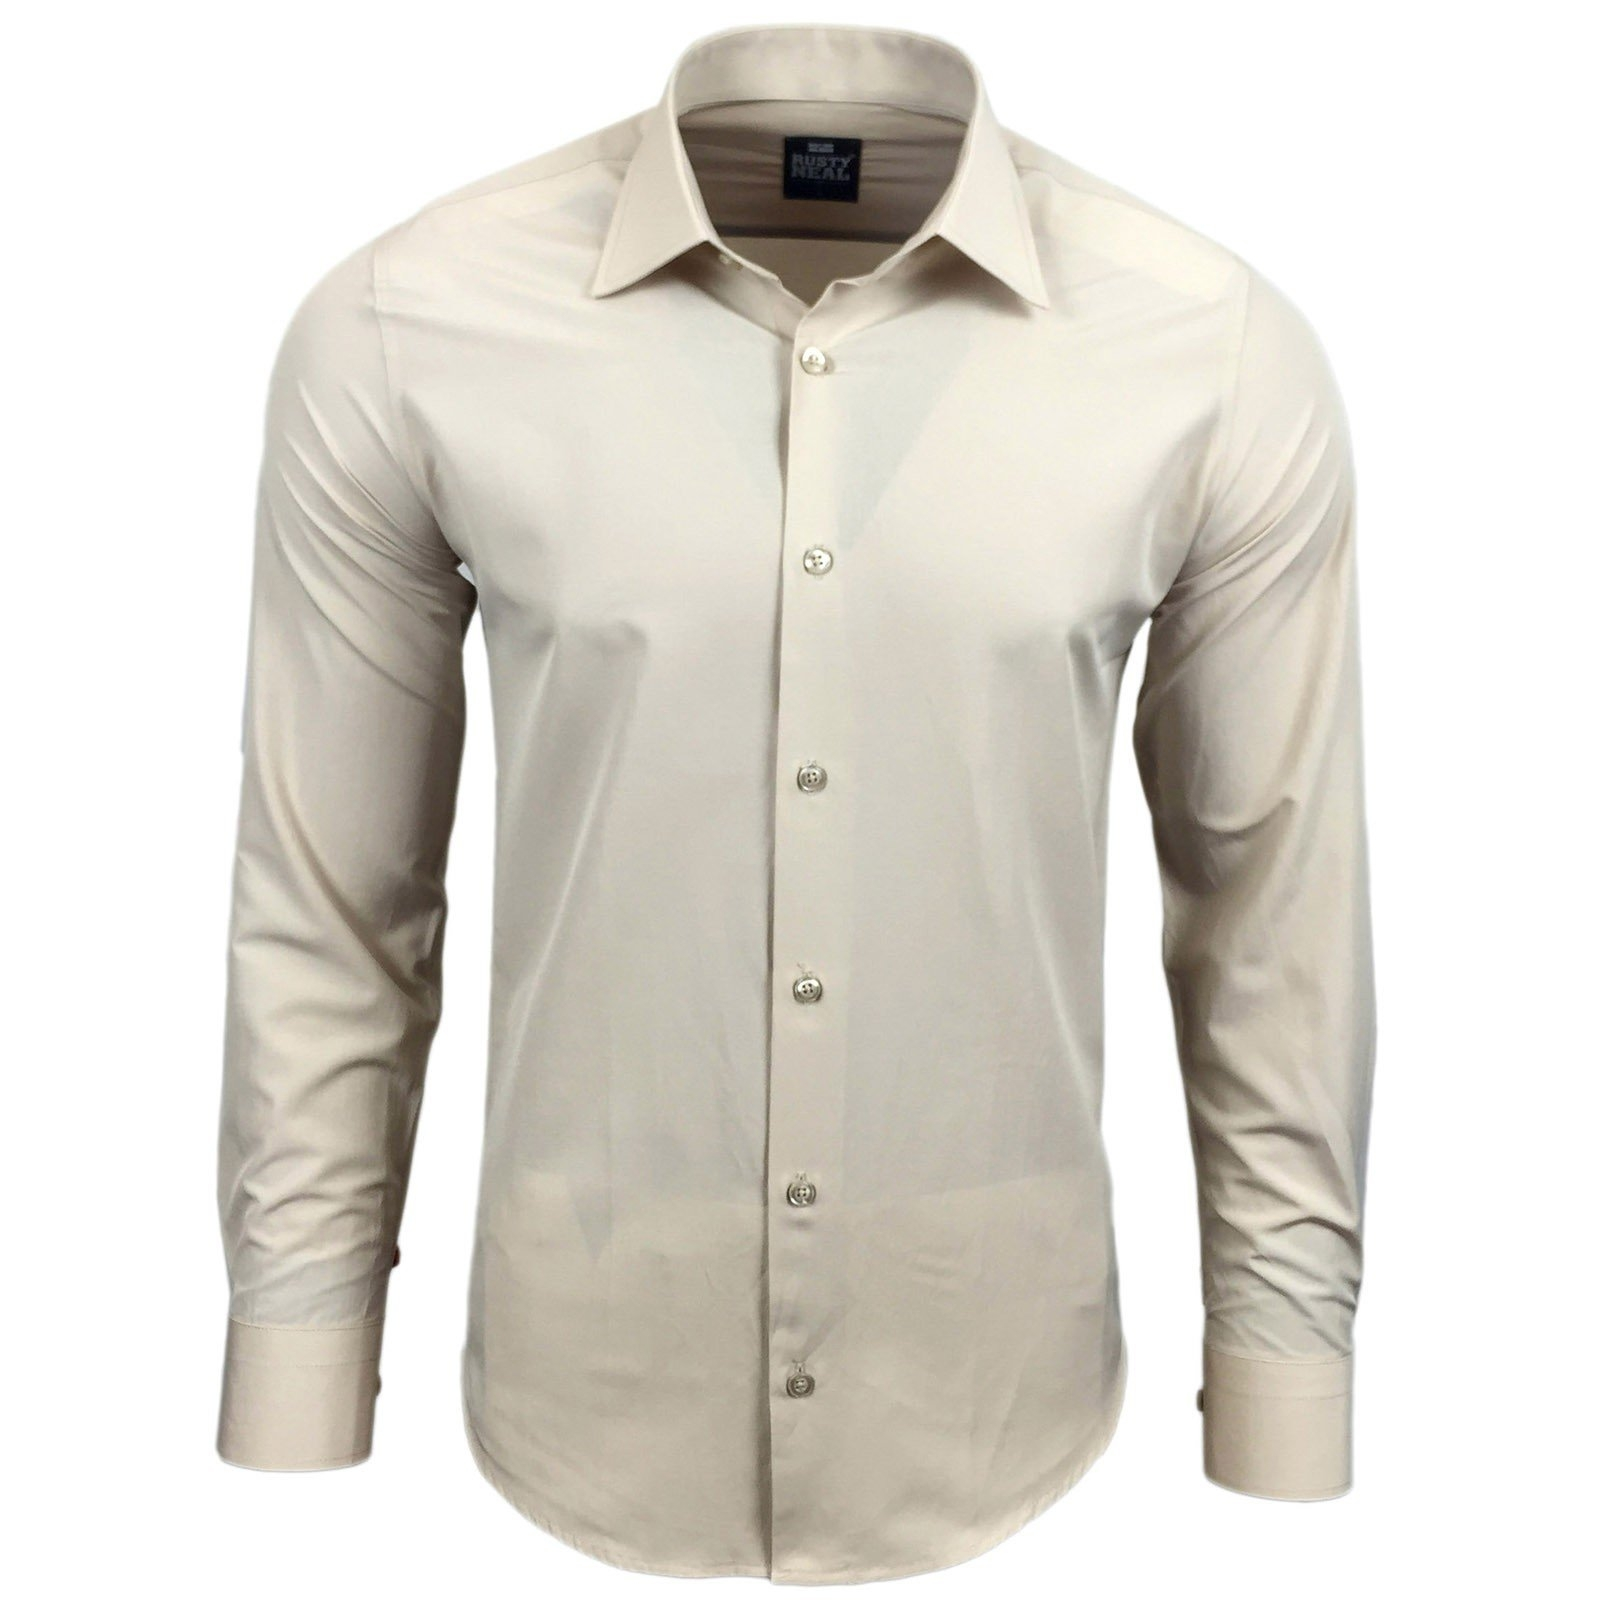 Roze Heren Overhemd.Overhemden Online Kopen Grote Collectie Otto